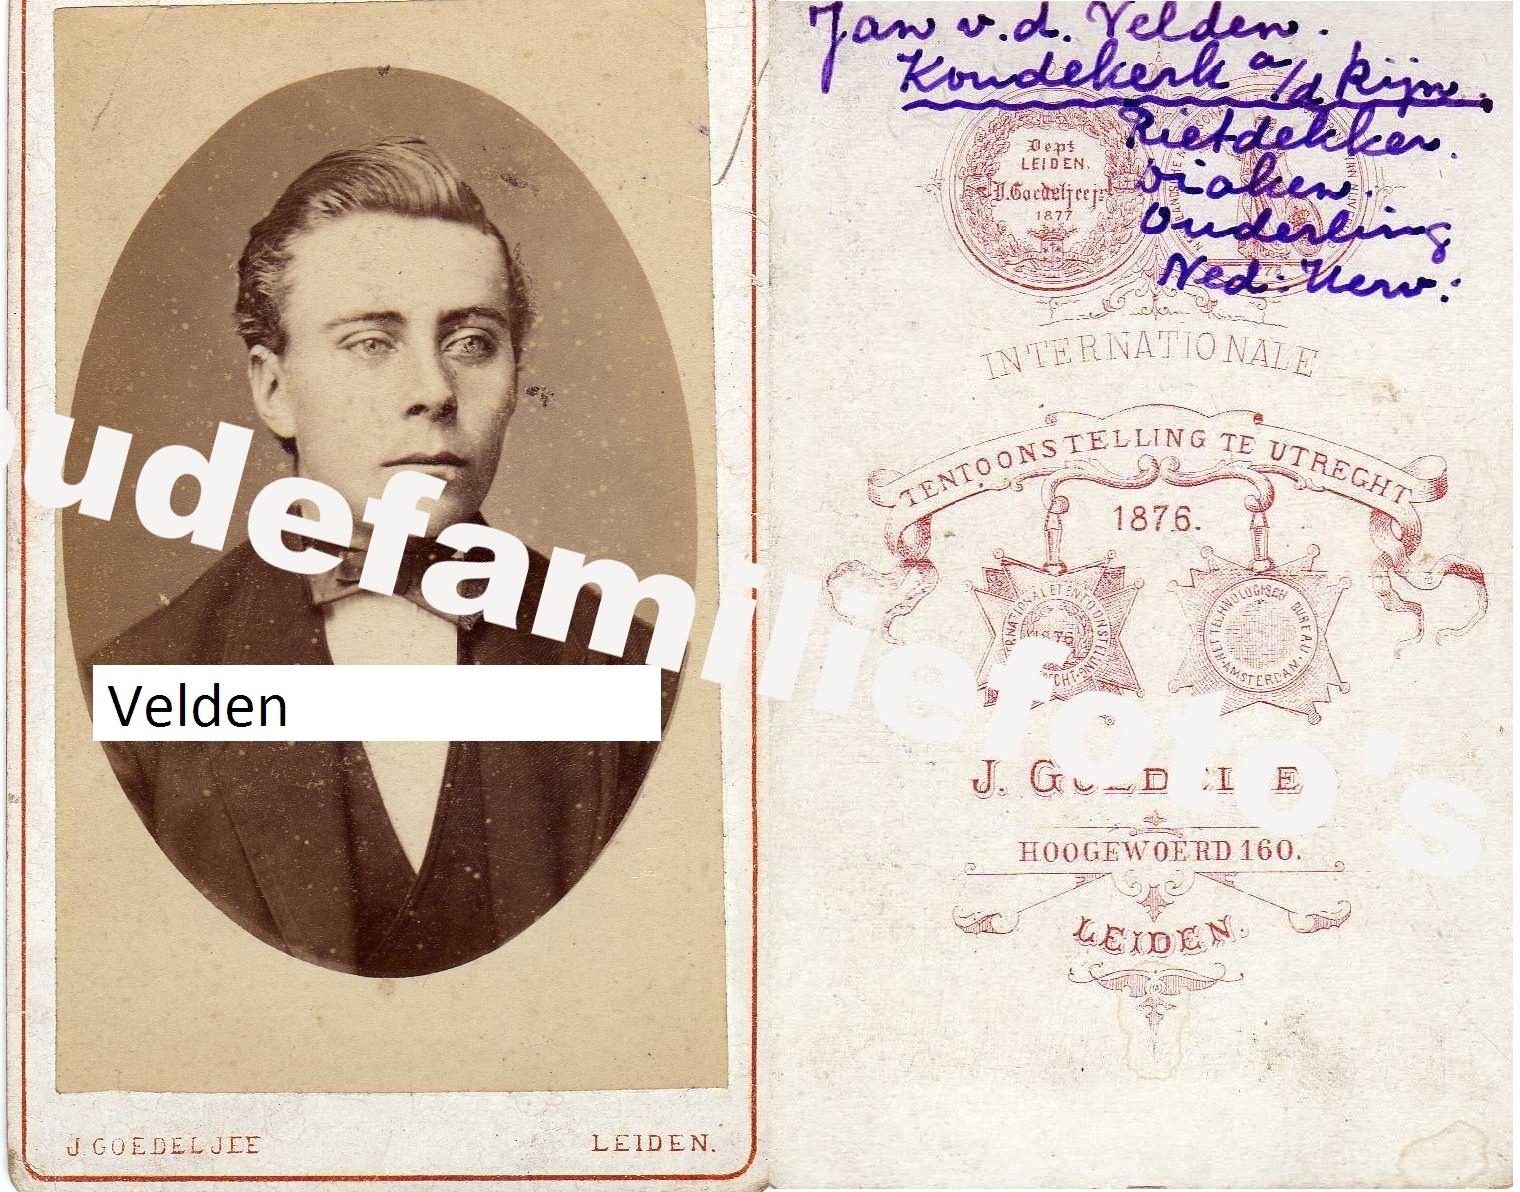 Velden van de(r), Jan. familie van Vliet, Cornet. € 4,00